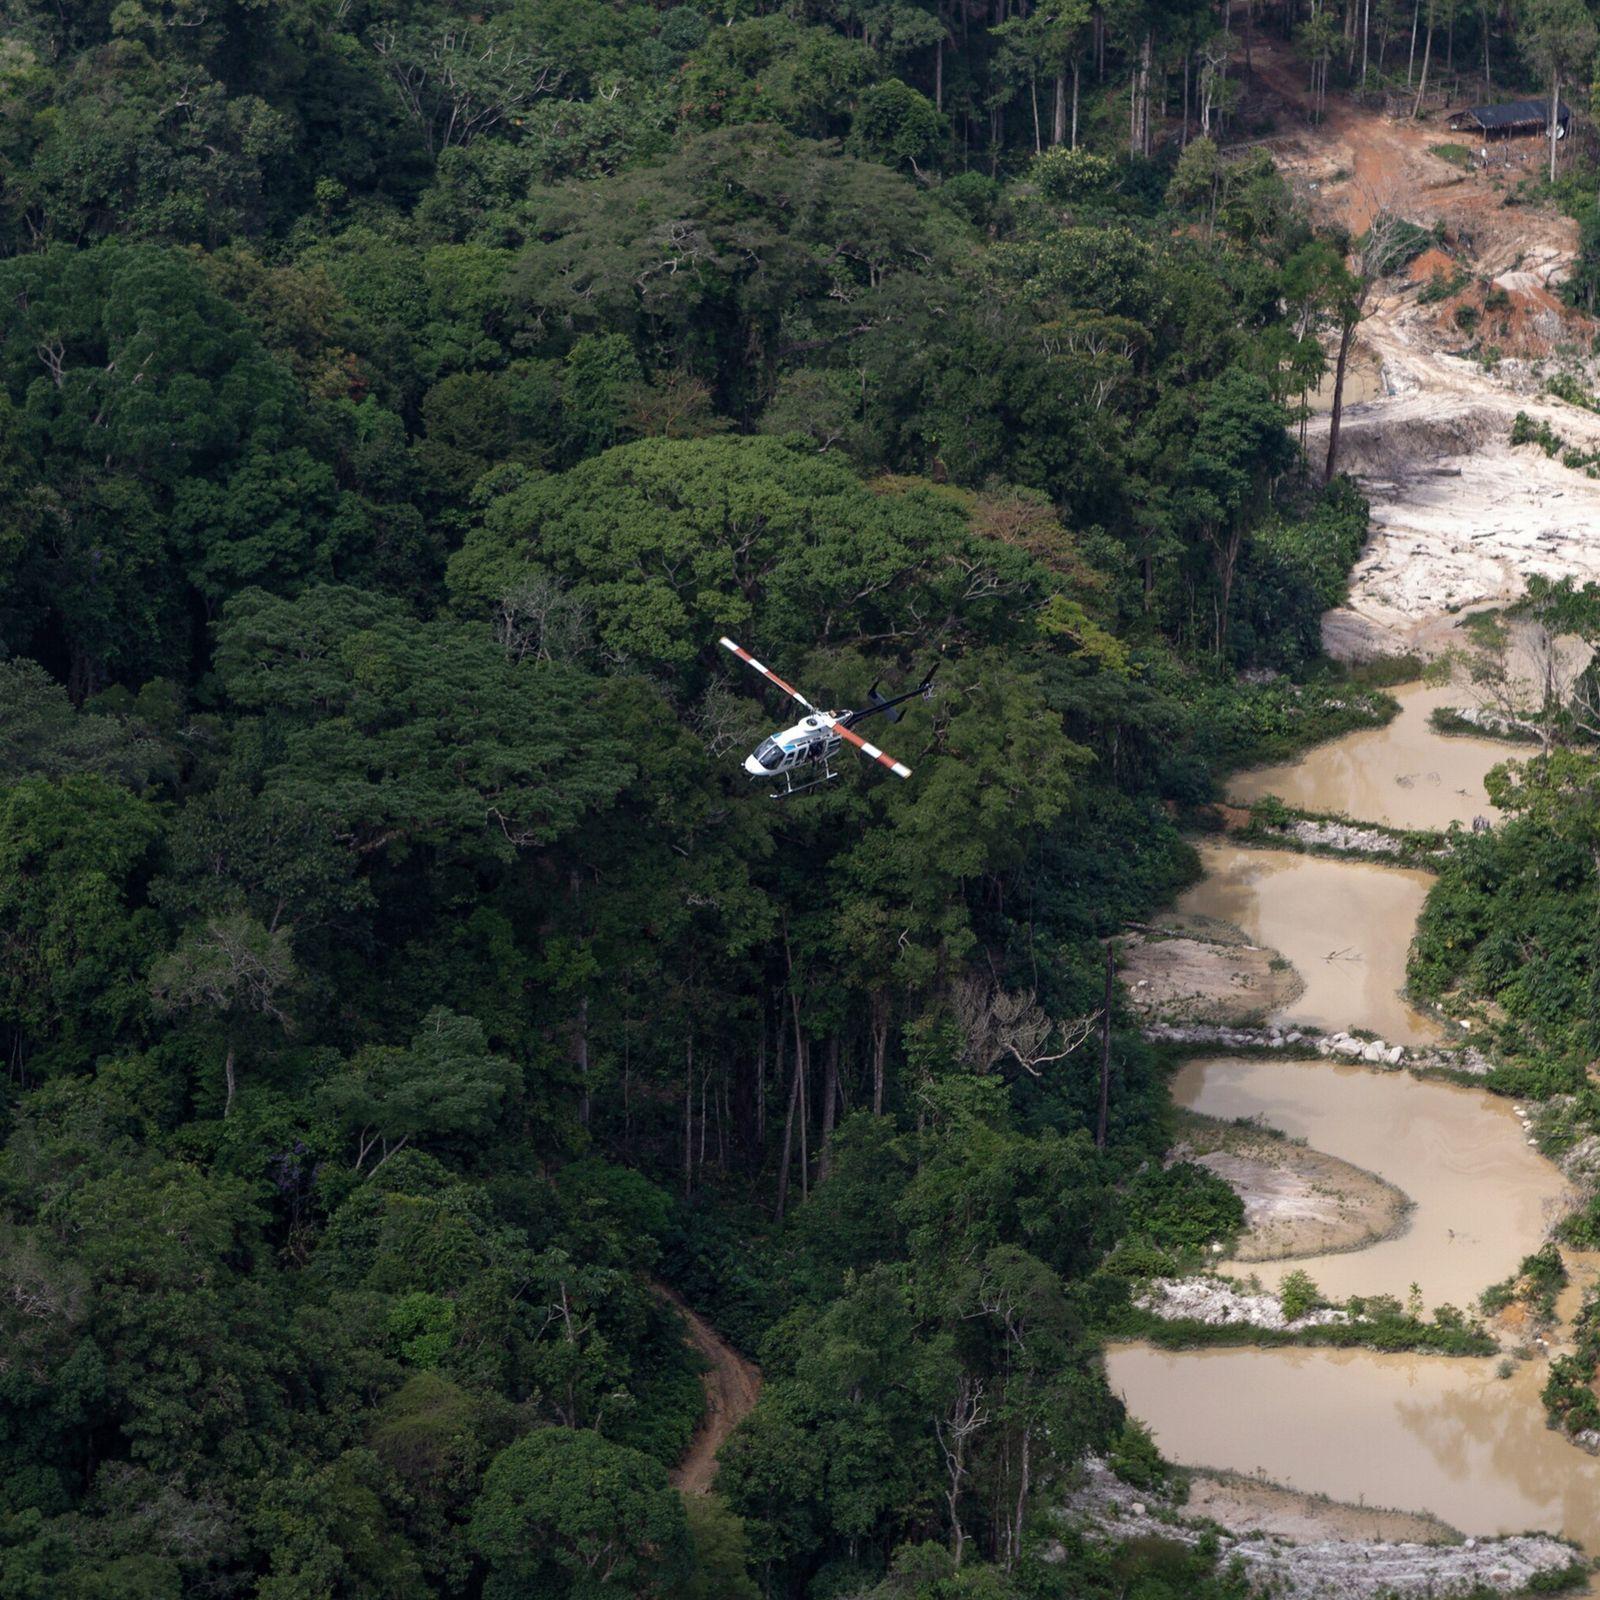 Foto aérea de helicóptero sobrevoando zona de floresta à esquerda e um garimpo à direita